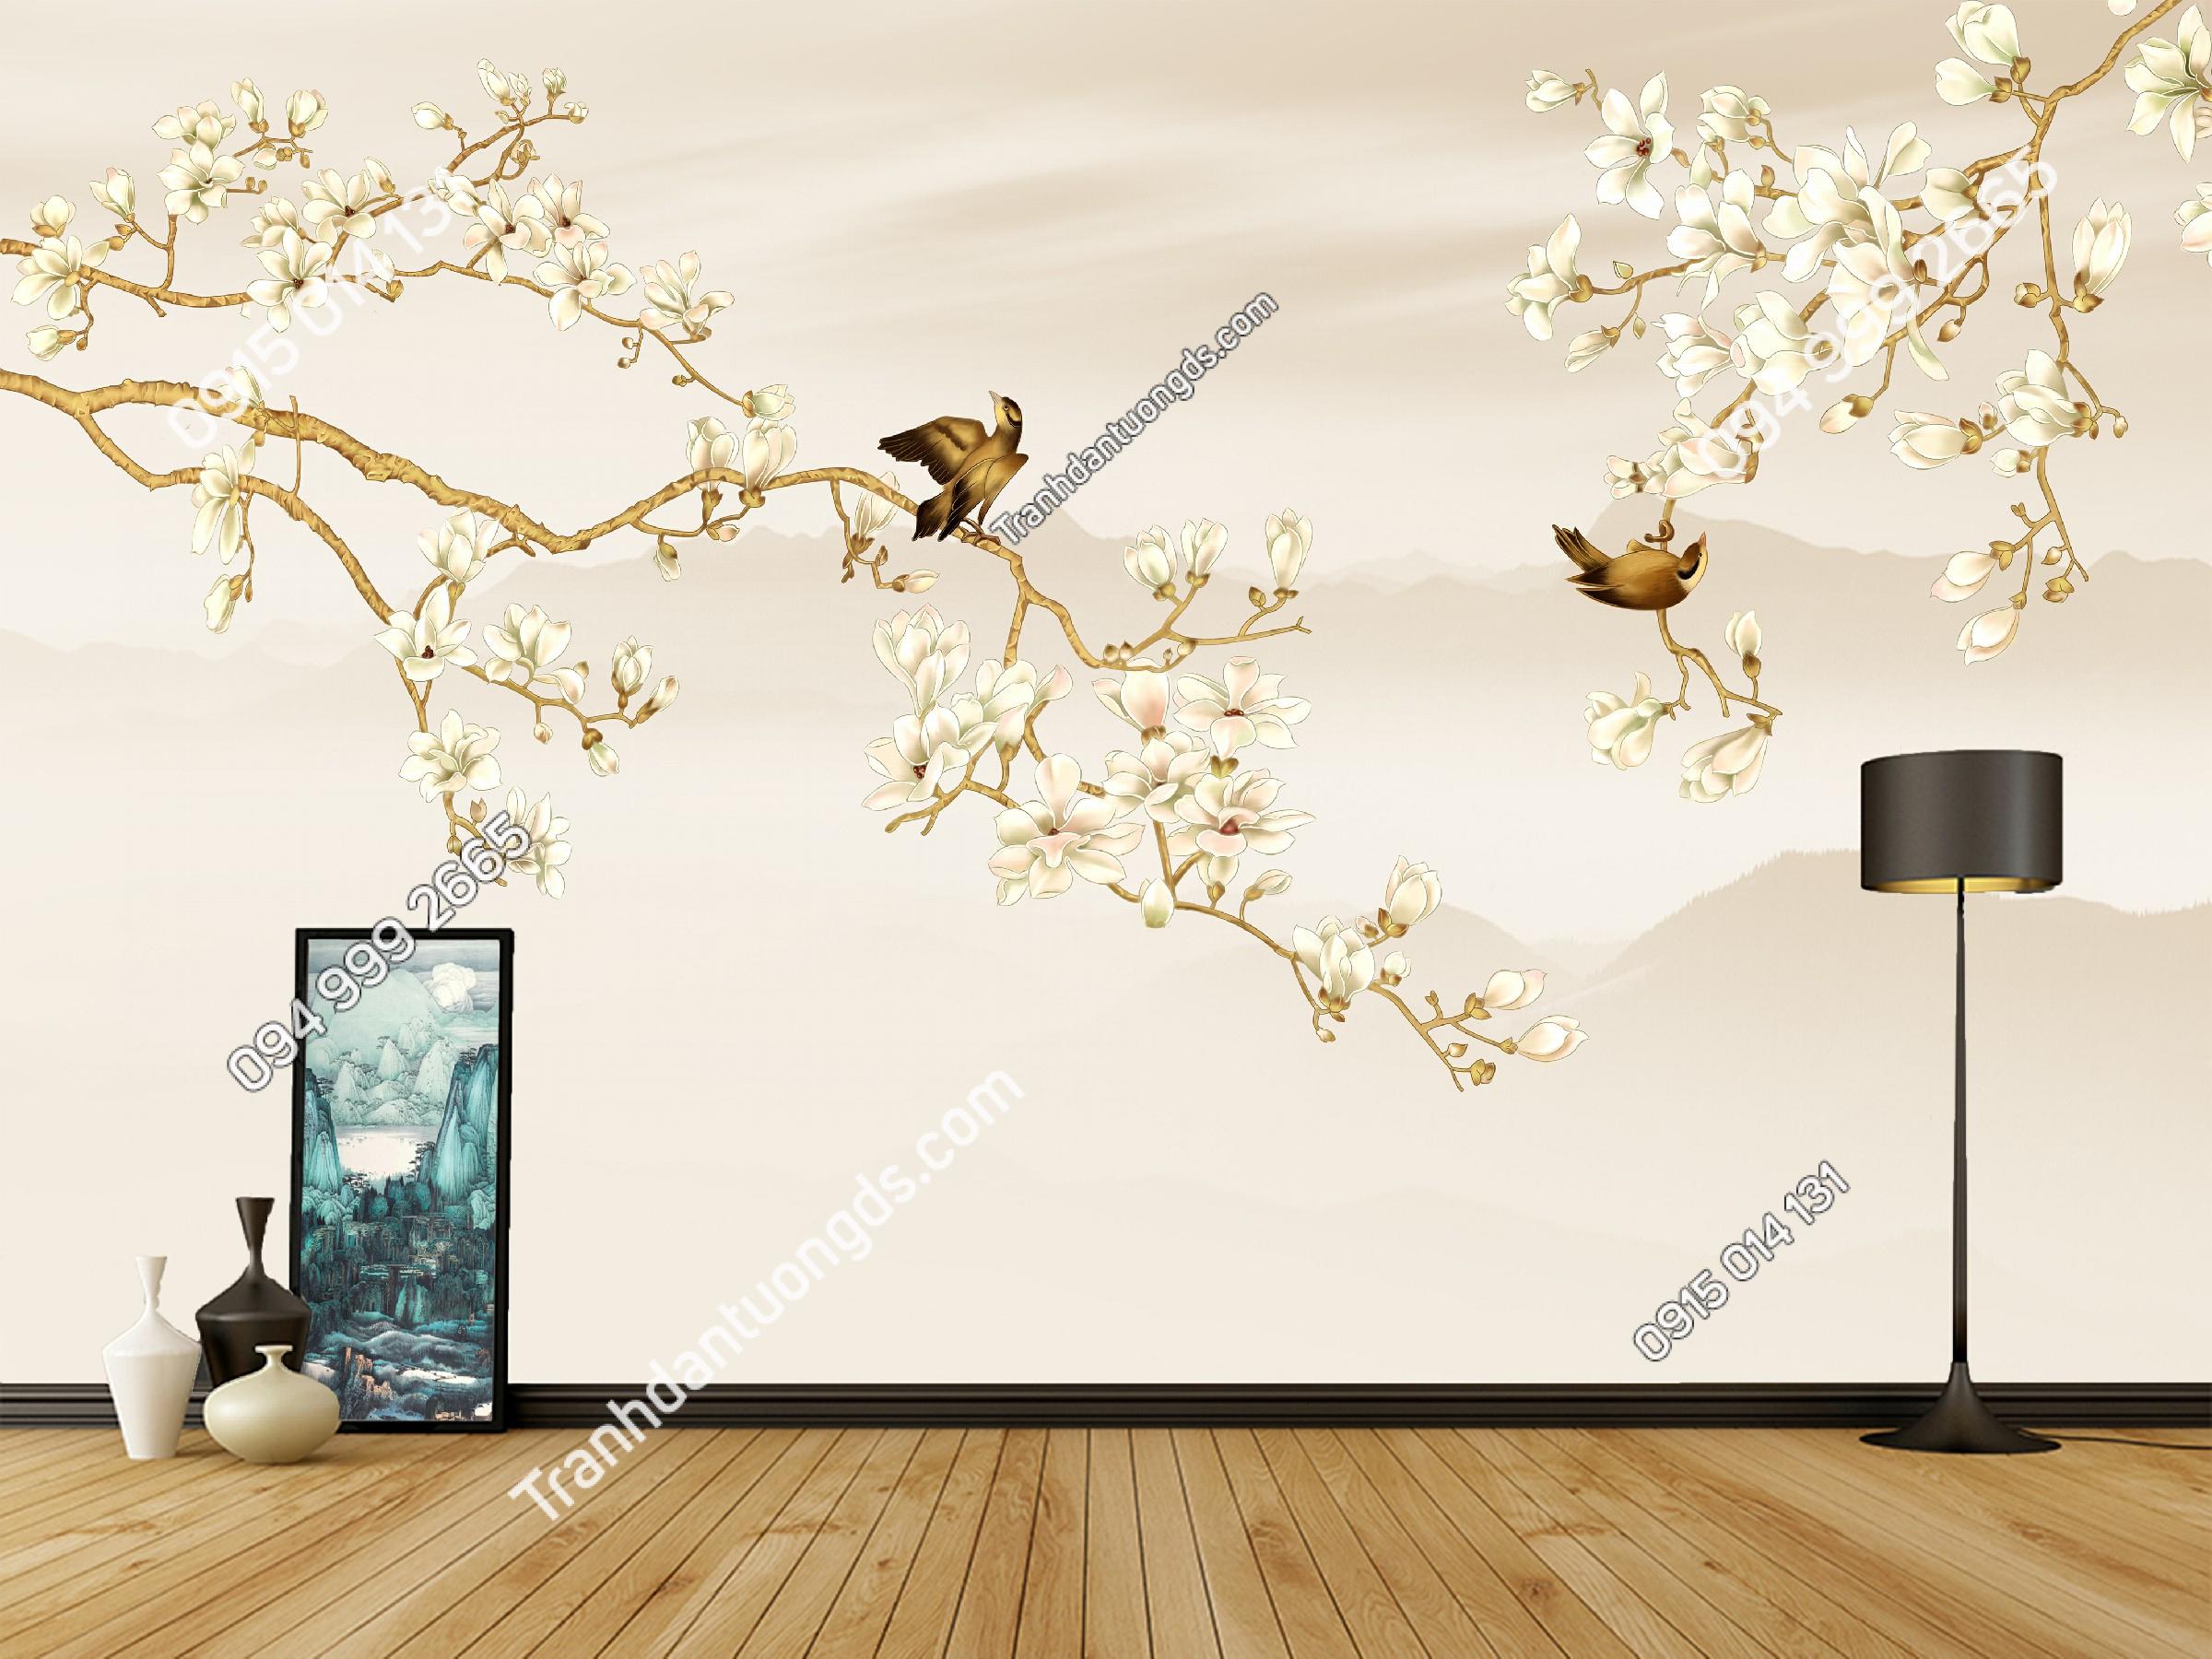 Tranh dán tường chim và hoa dán phòng ngủ - 11201 demo